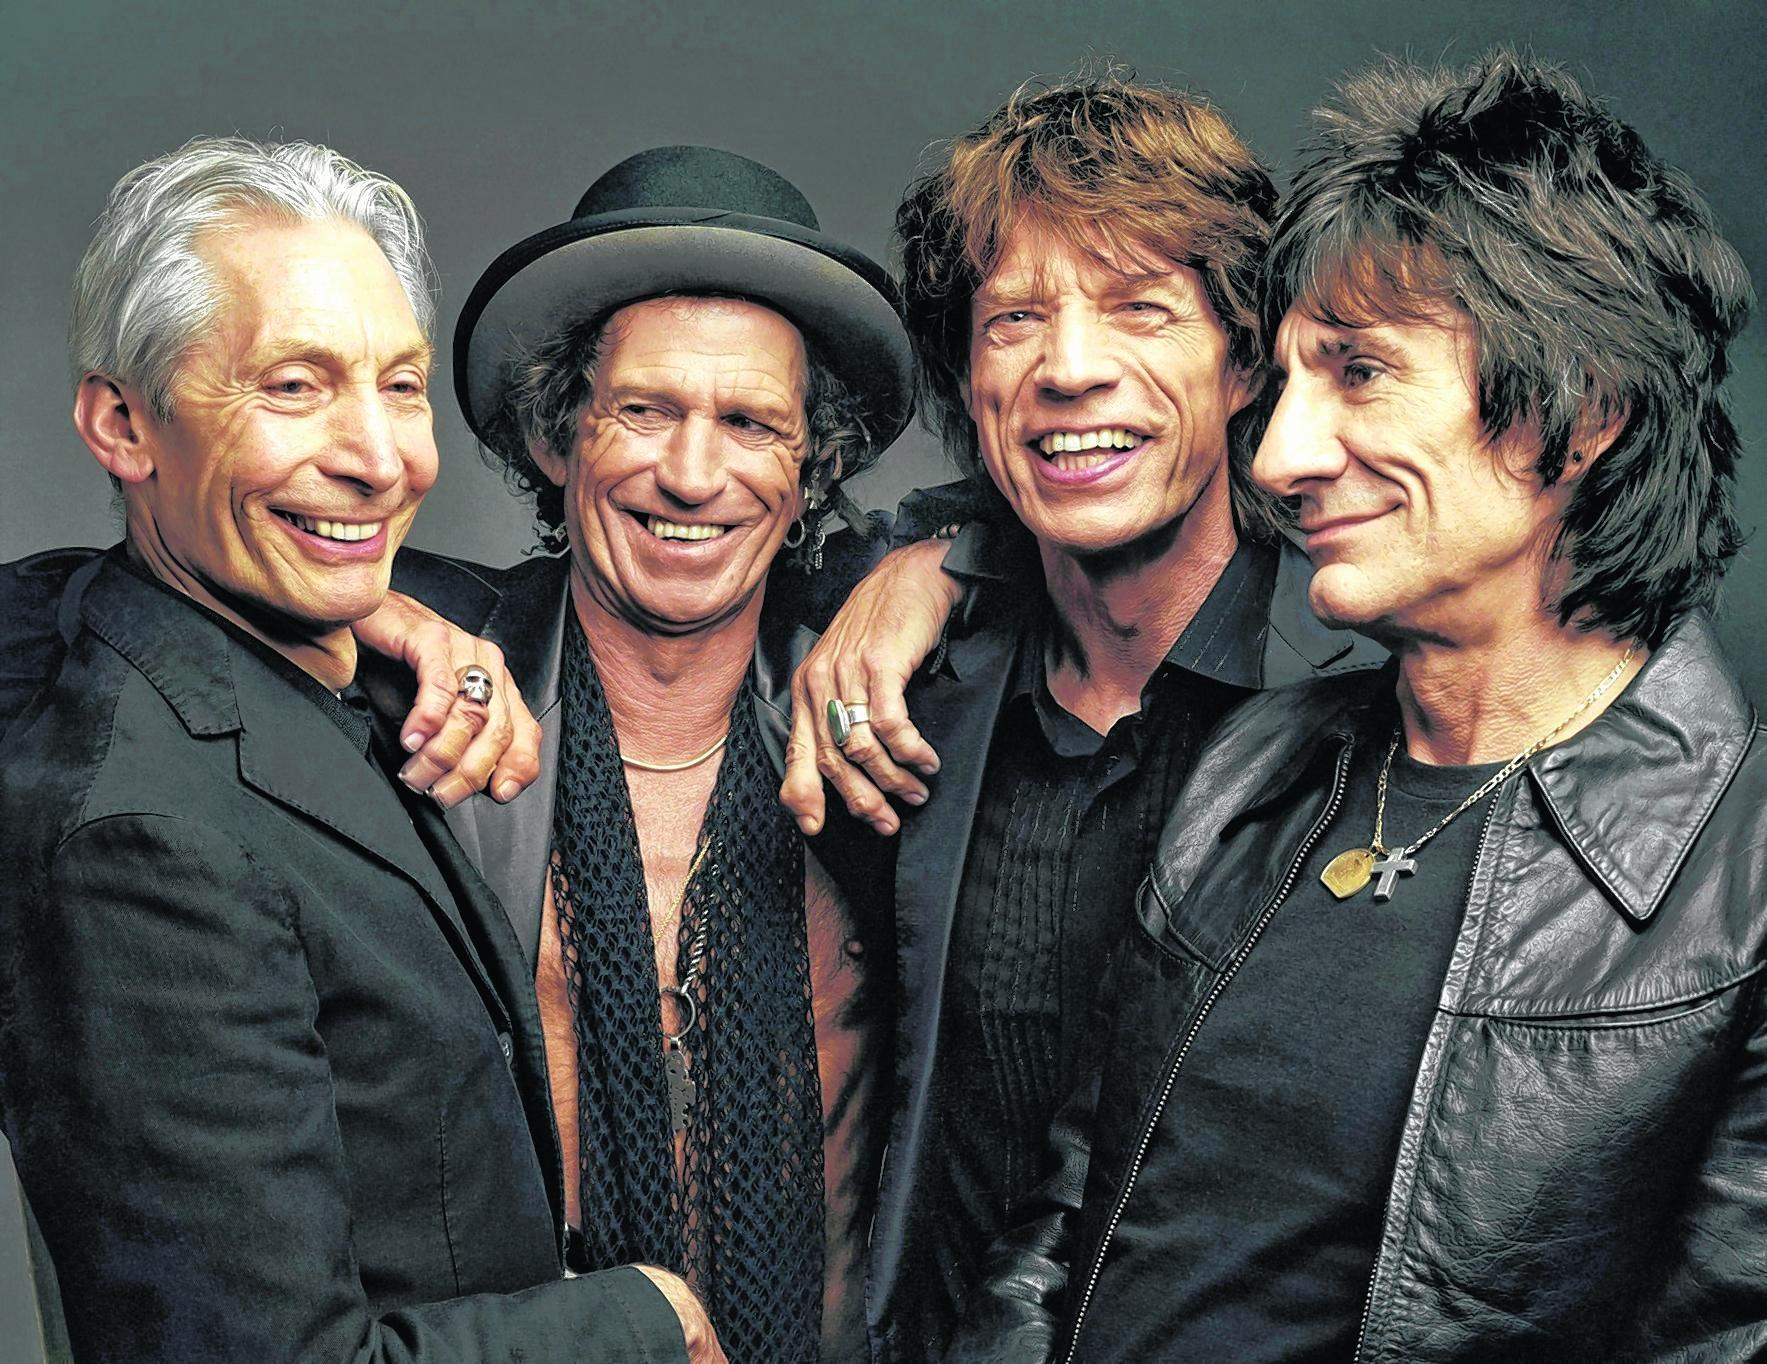 Vier gegen den Rest der Welt (v. l.): Charlie Watts, Keith Richards, Mick Jagger und Ron Wood – die Rolling Stones.